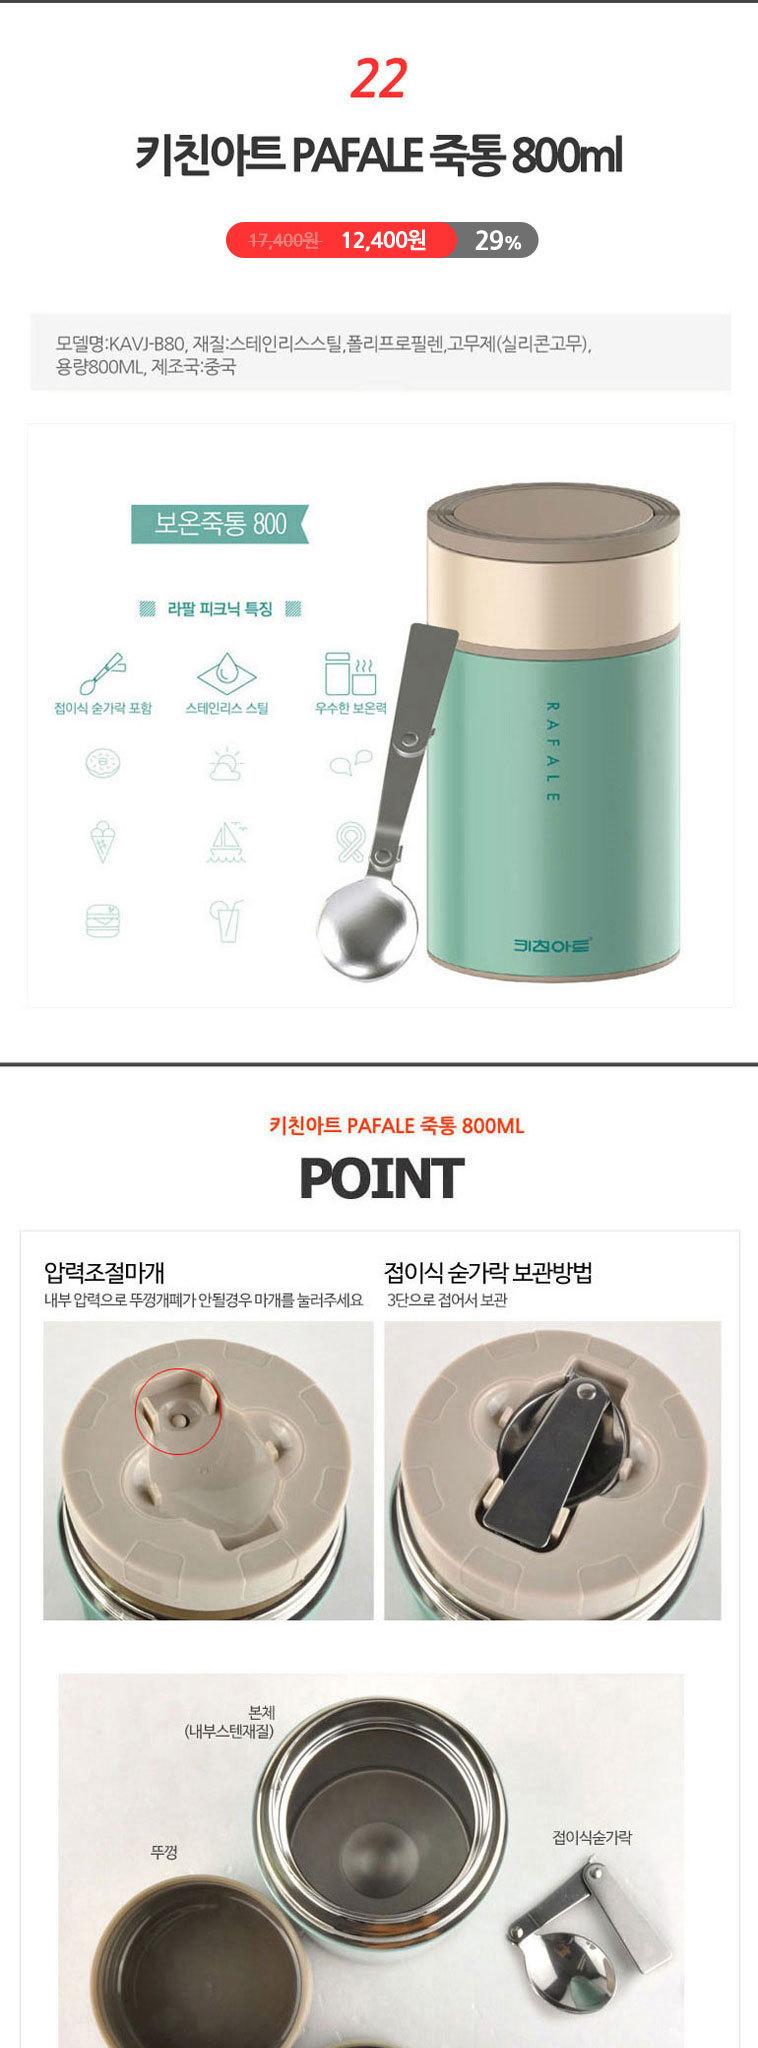 키친아트 보온병 1개만사도 무료배송 - 상세정보